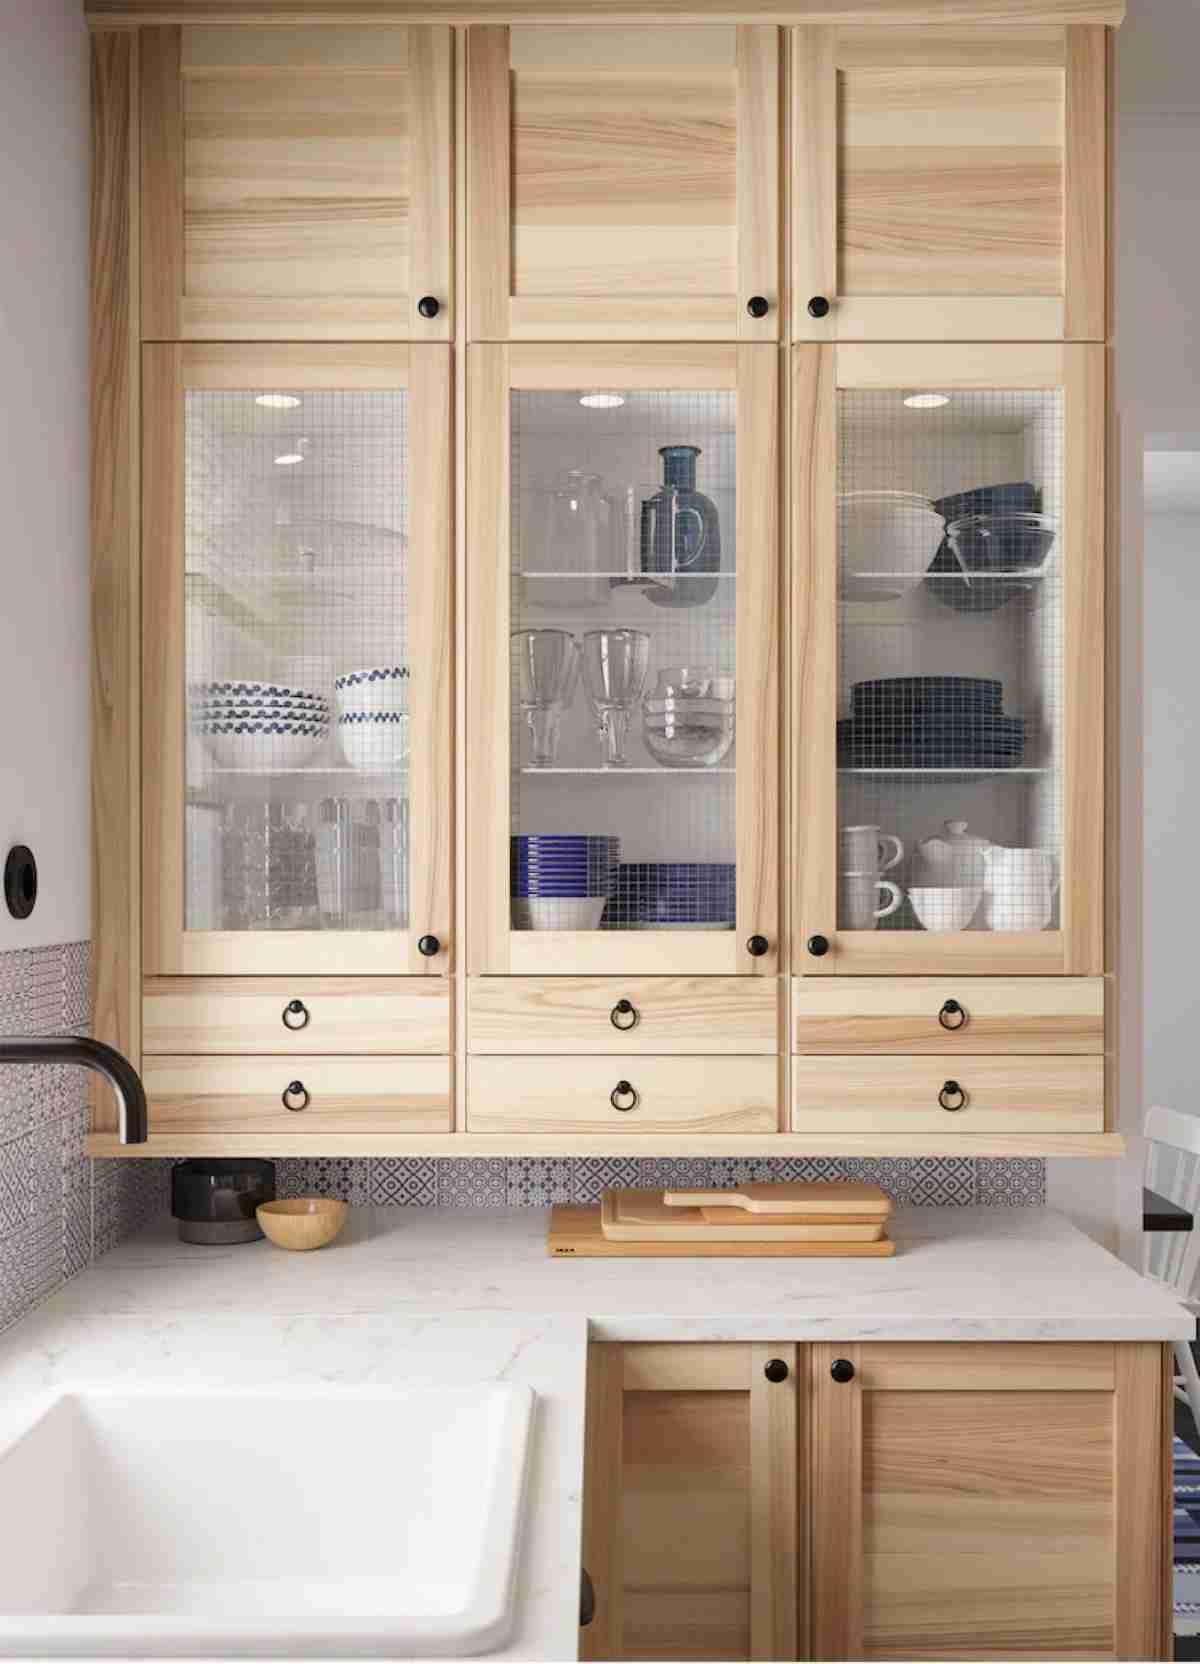 cocina de ikea con detalles de madera